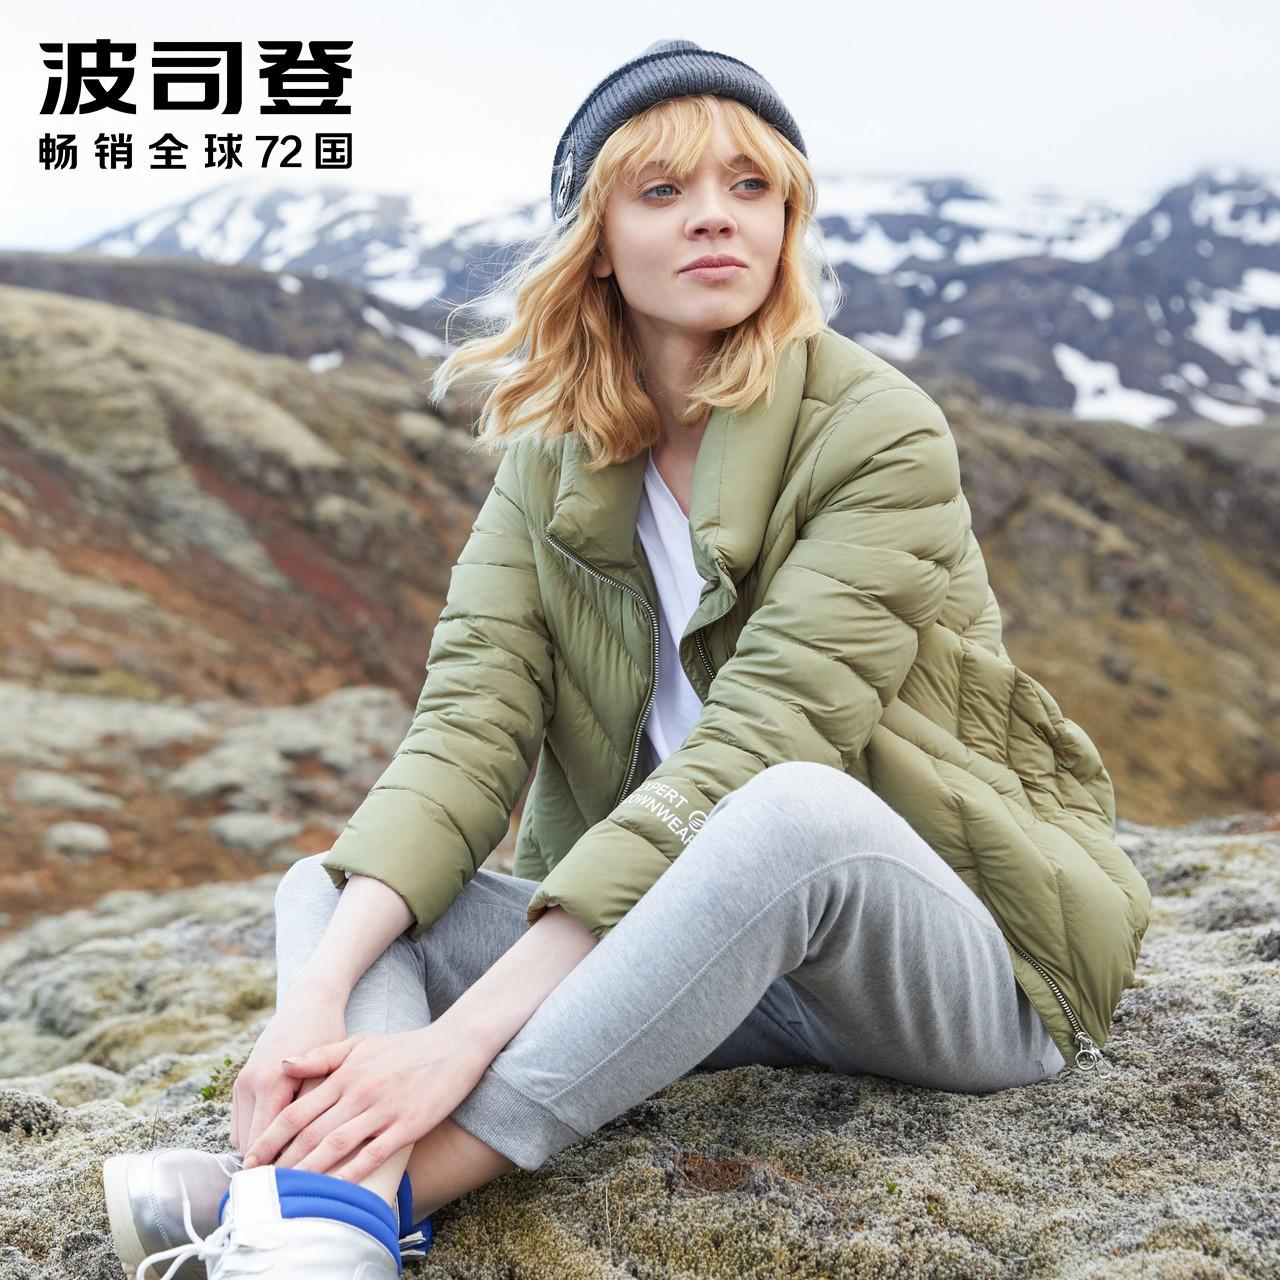 波司登羽绒服女装秋季2018新品外套女士时尚短款上衣服B80131024